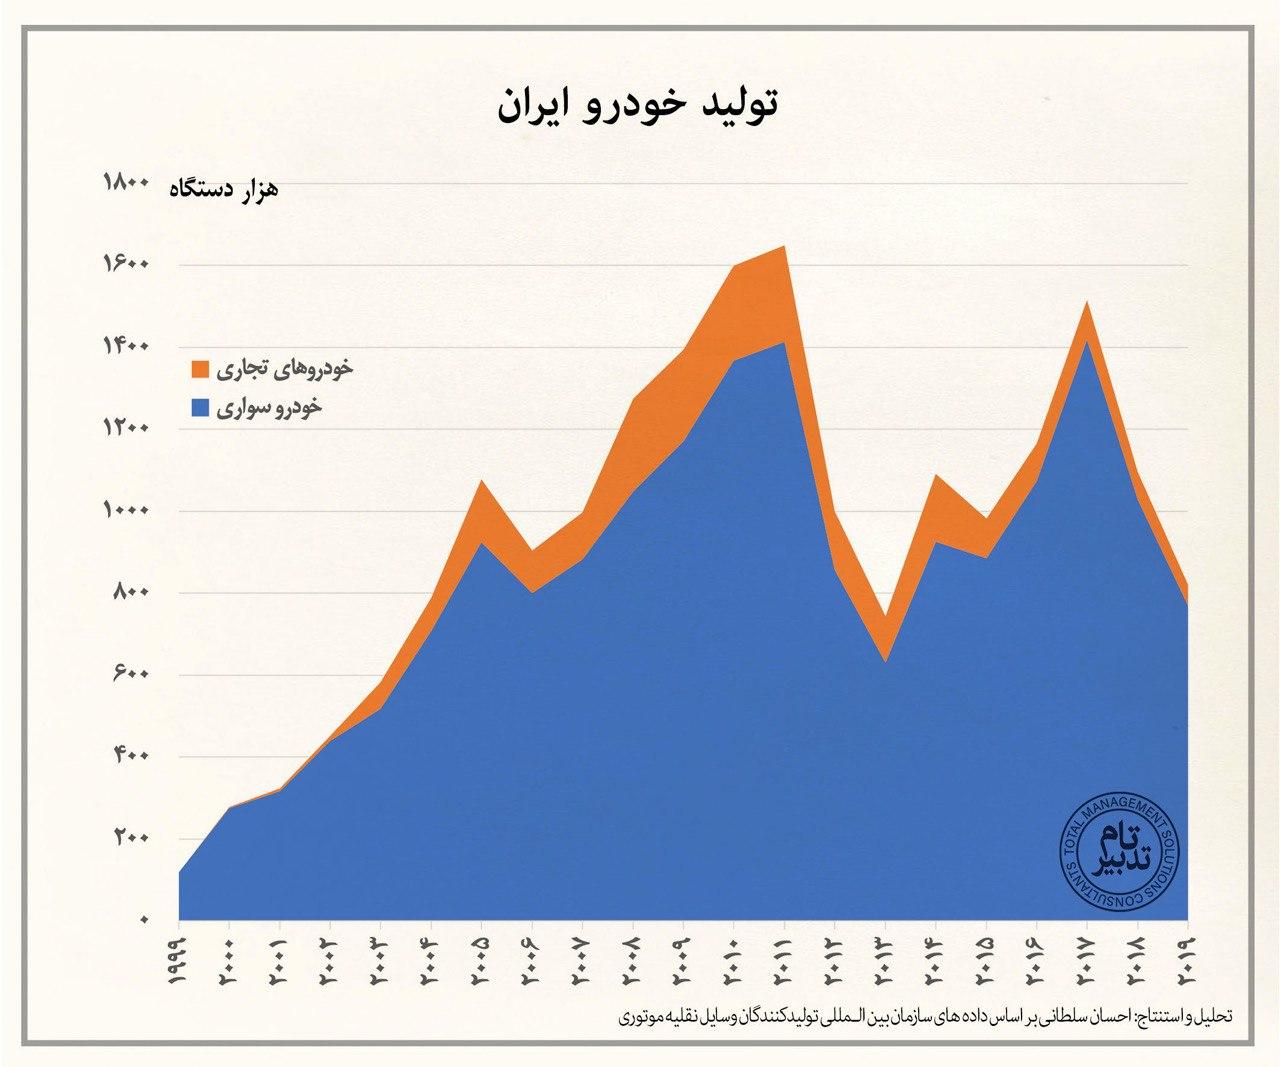 دومین سال متوالی سقوط تولید خودرو در ایران